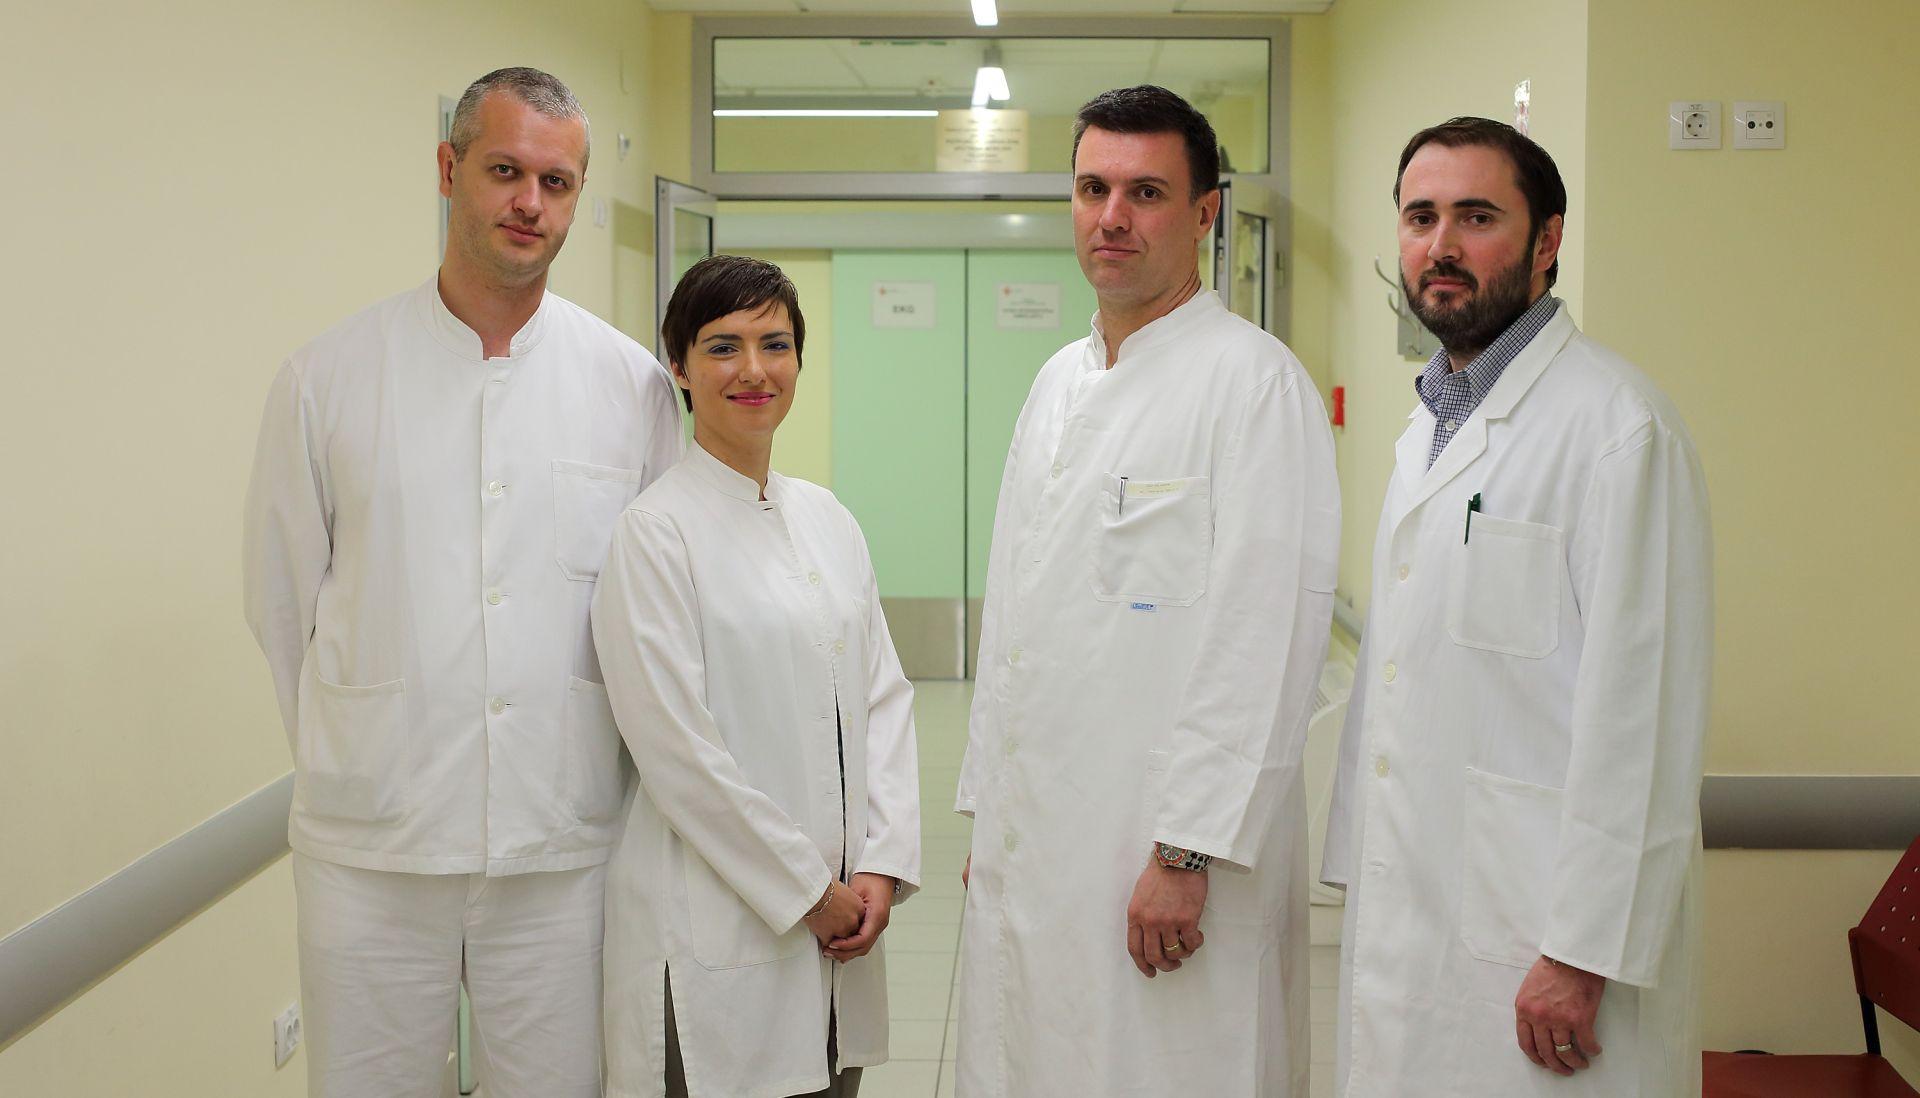 Hrvatsku napustilo 525 liječnika u tri godine